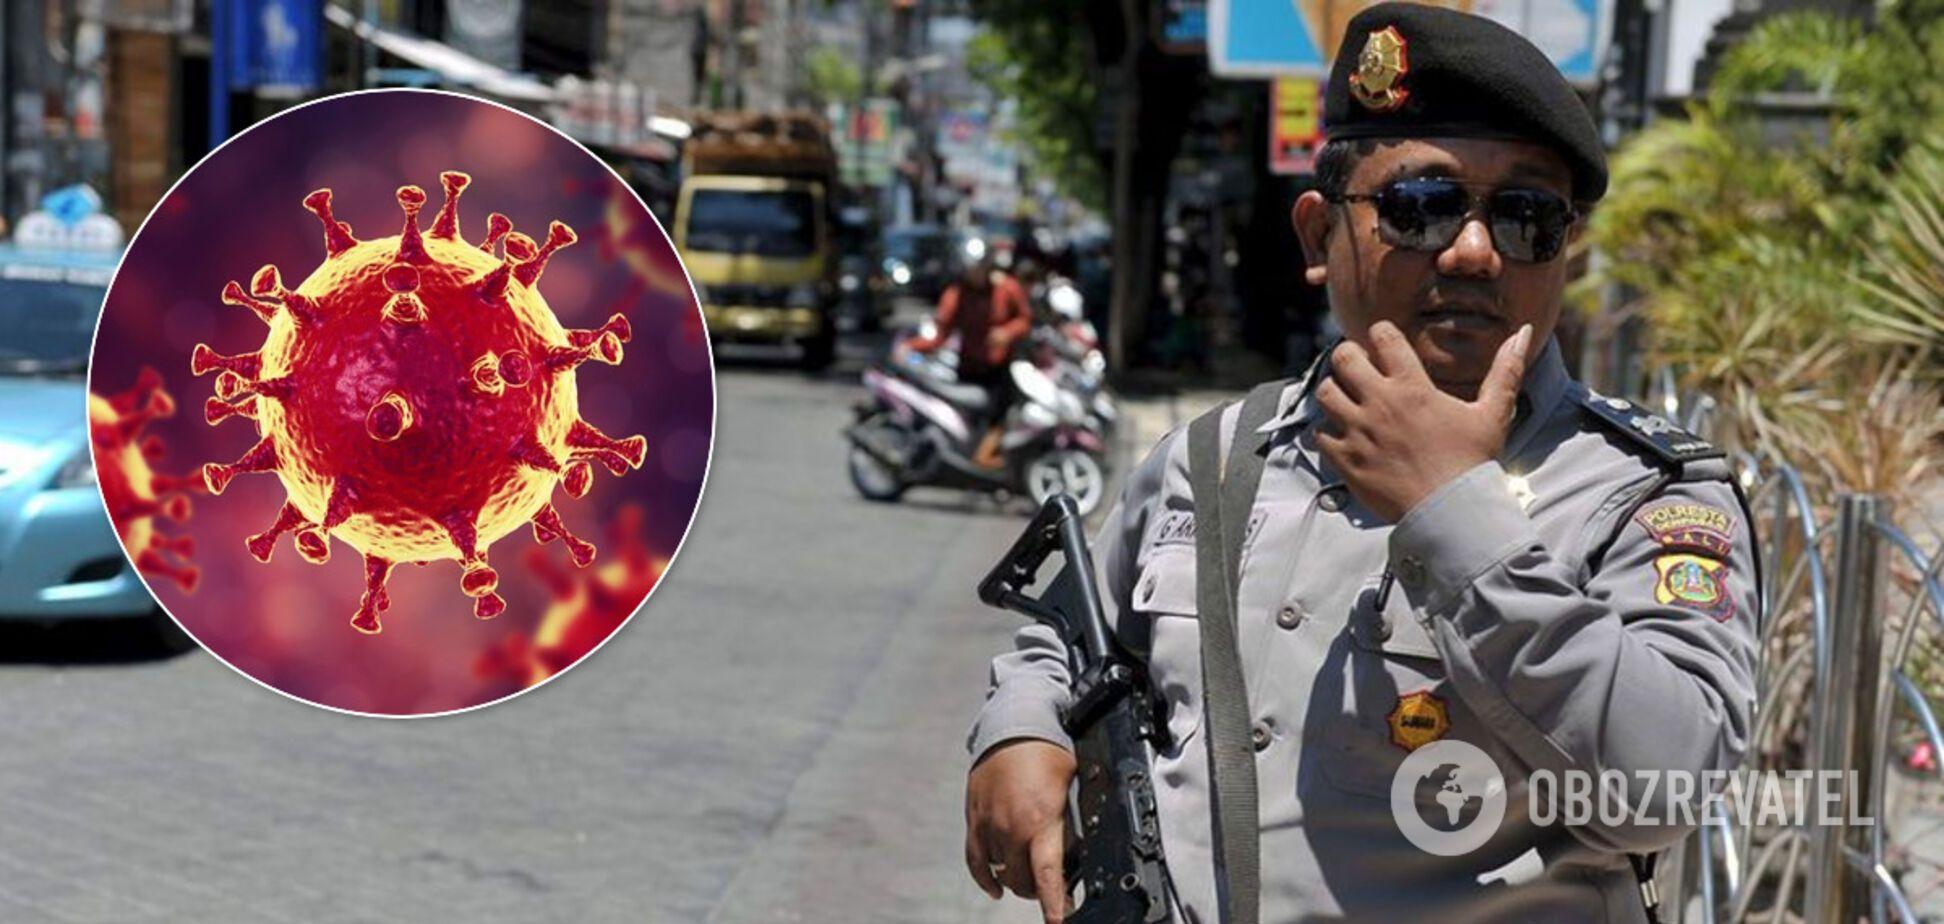 Поліція Балі і коронавірус. Ілюстрація